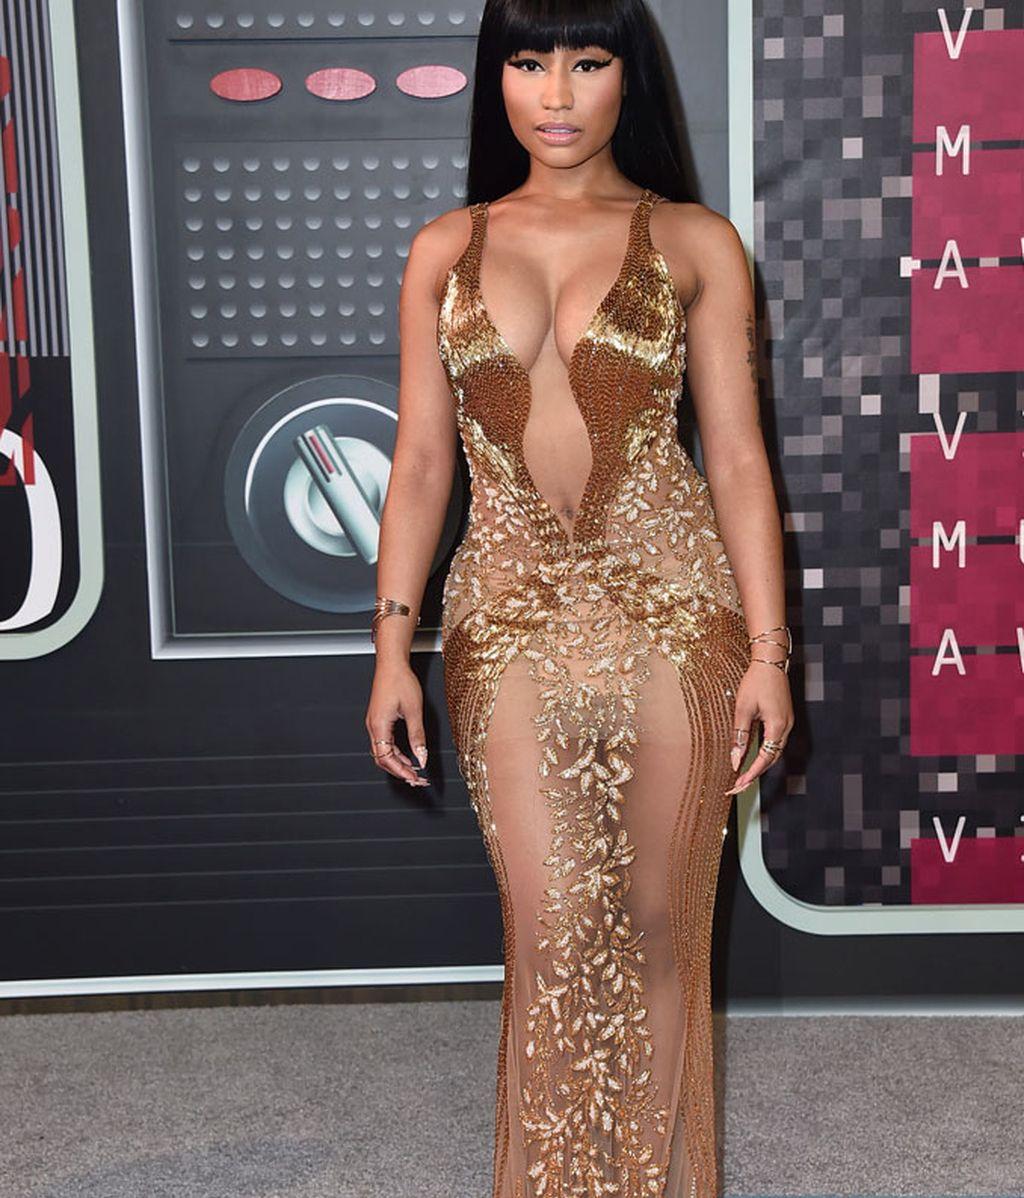 Nicki Minaj de Labourjoisie en los premios MTV